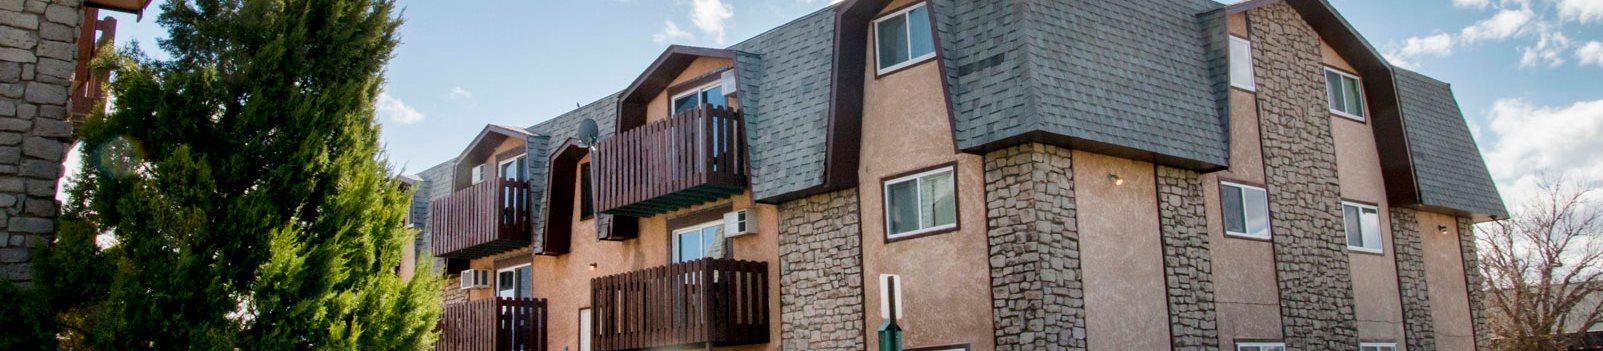 Great Plains Apartments Alliance NE